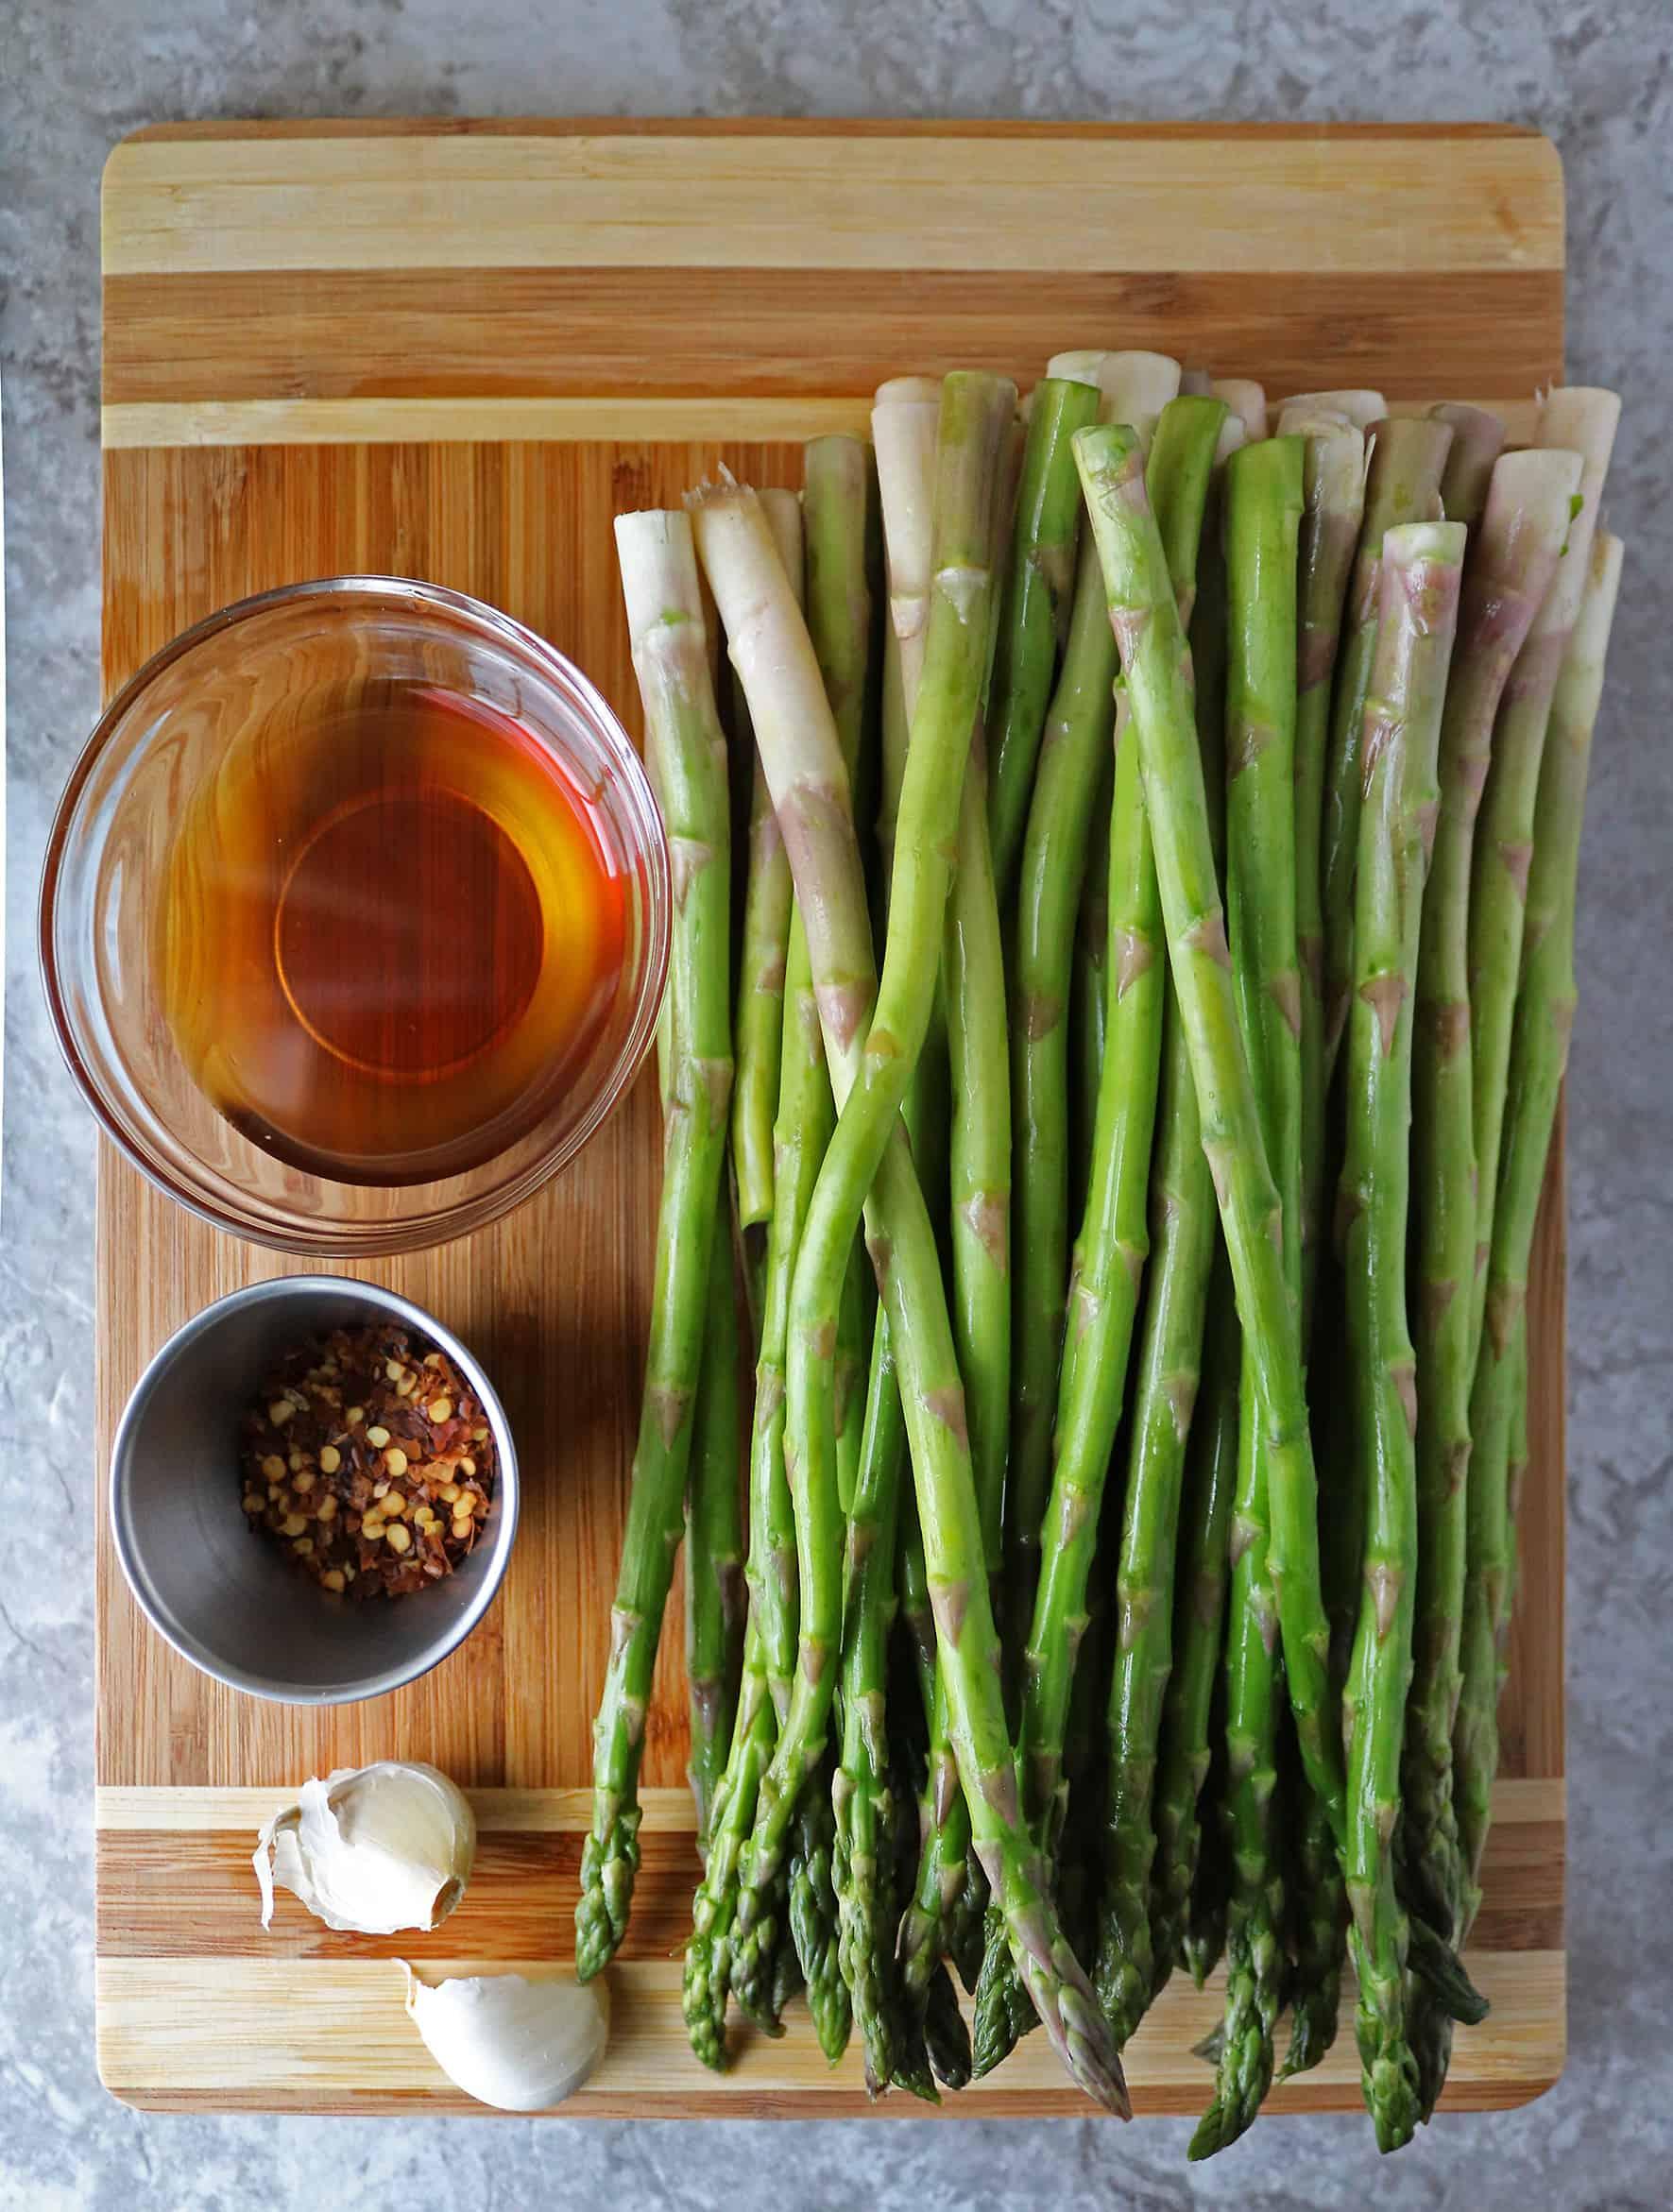 Ingredients to make Garlic asparagus